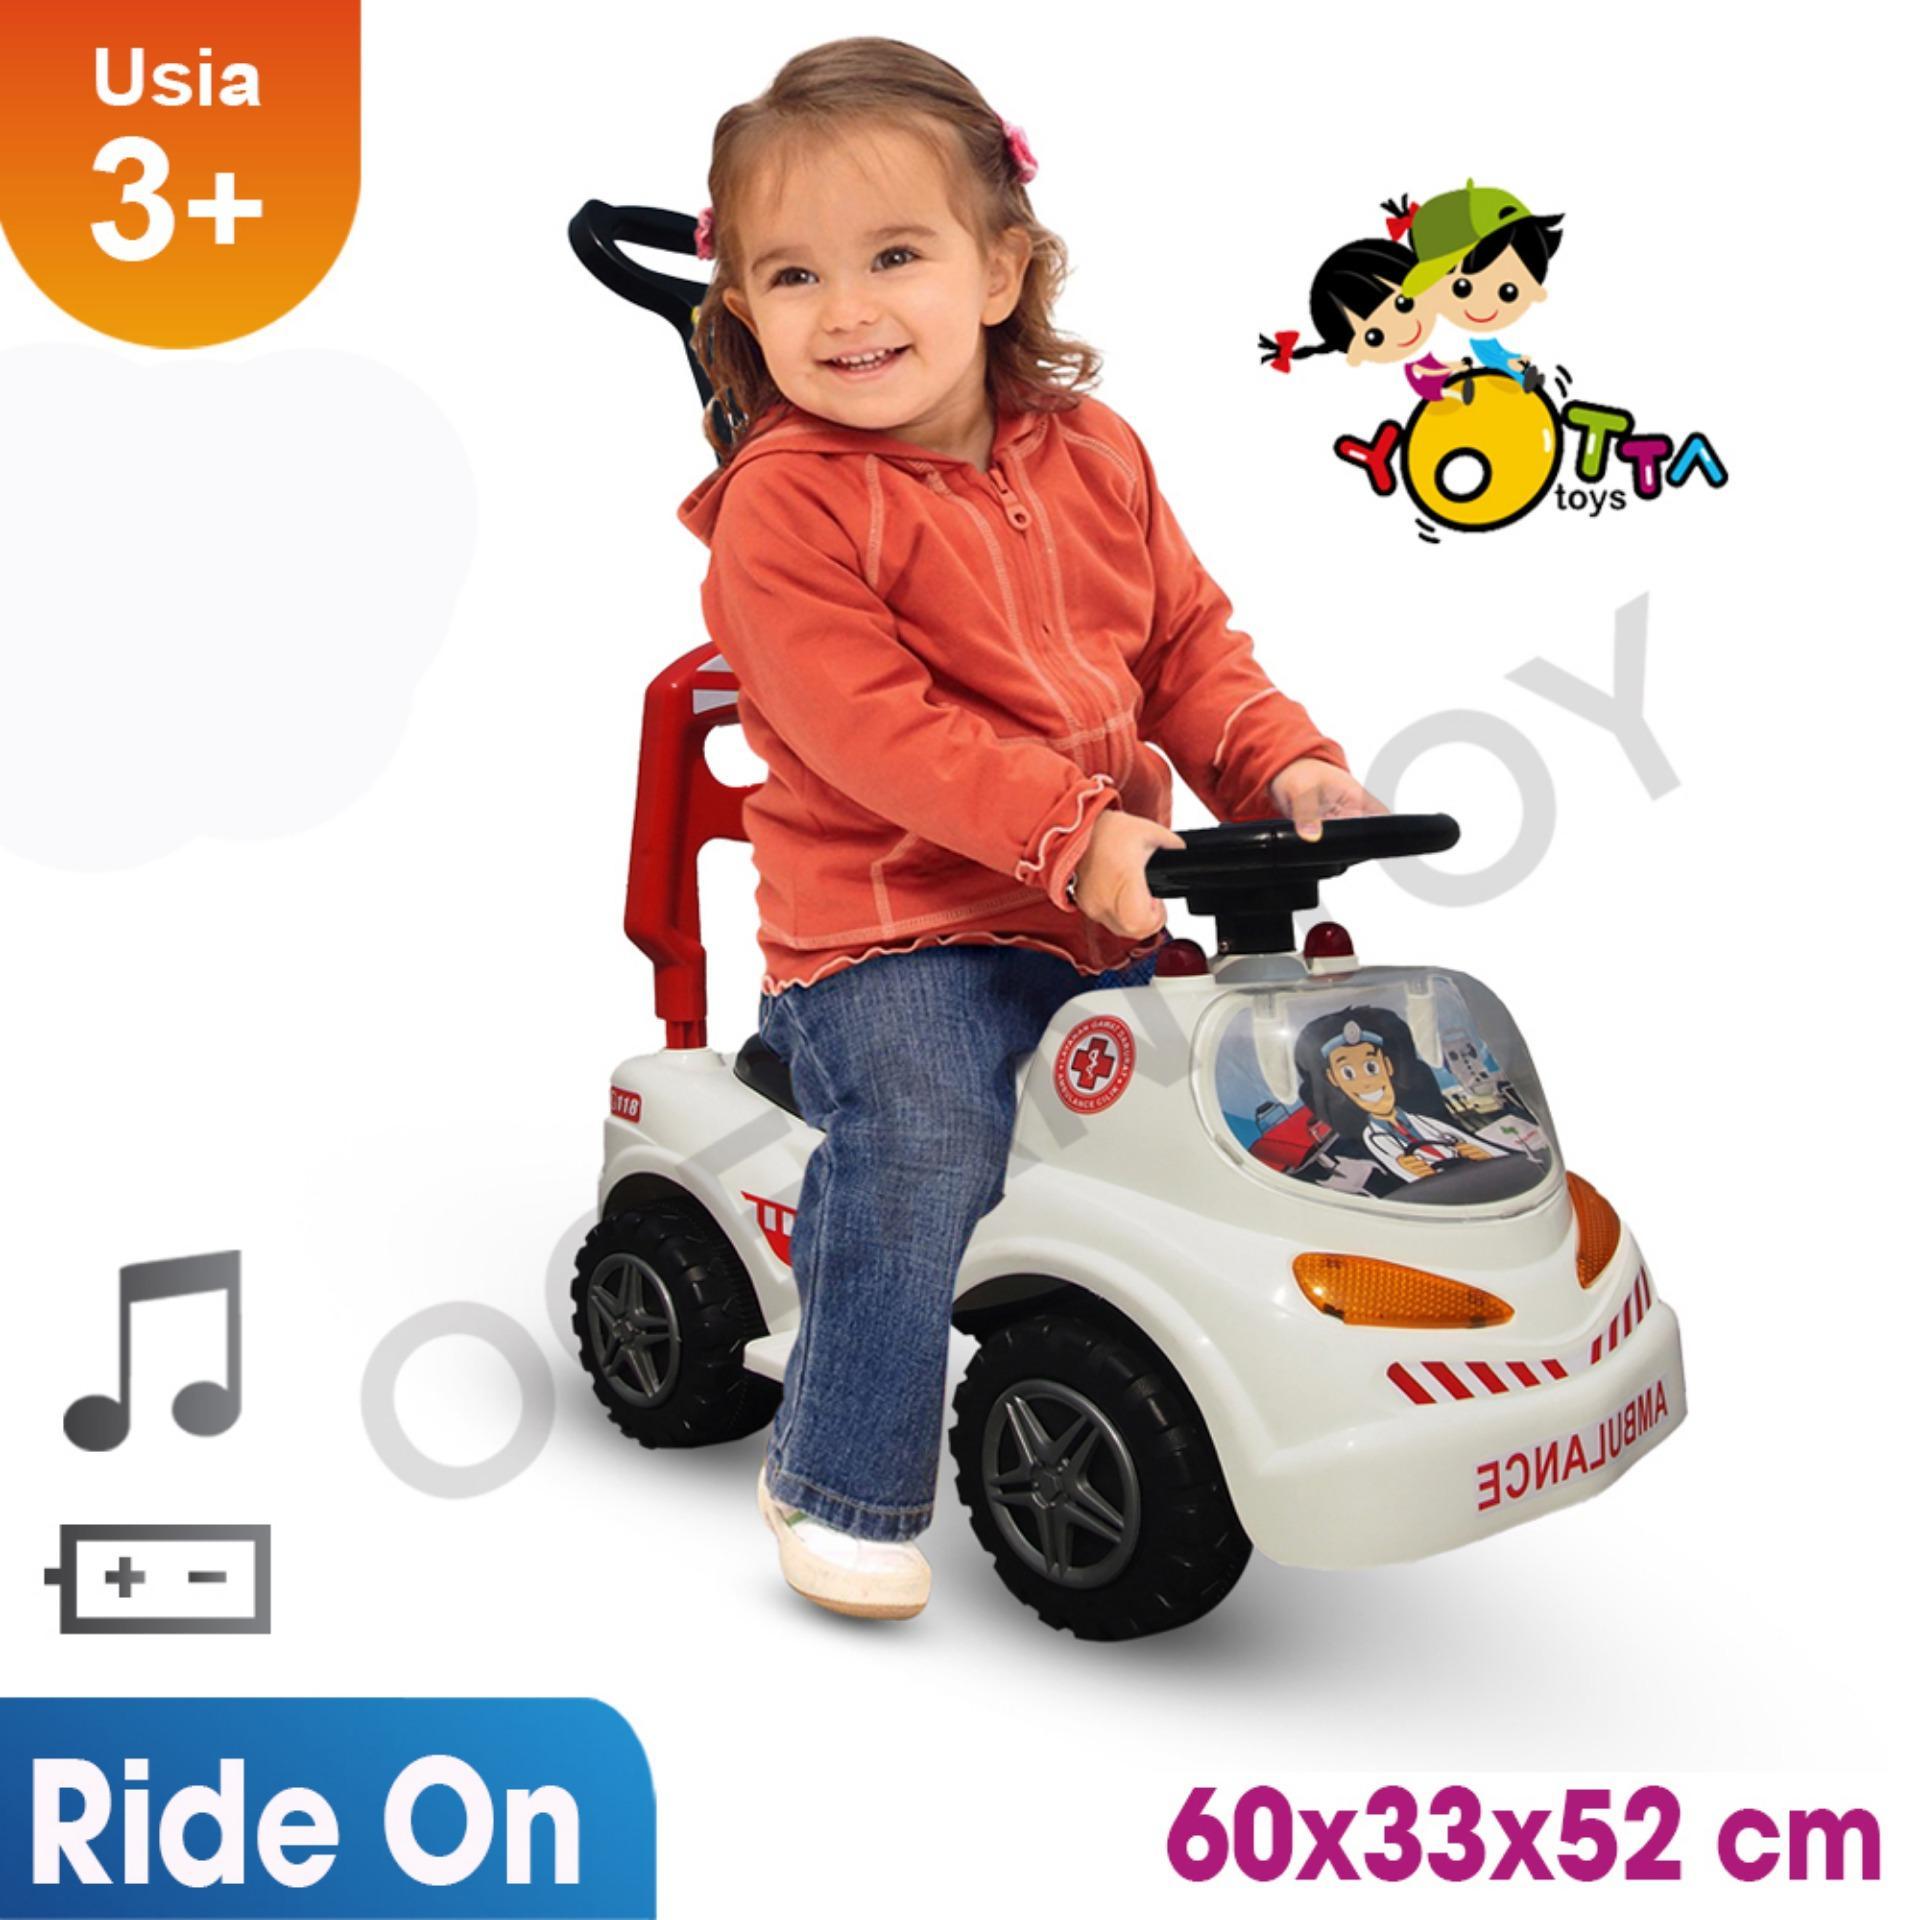 Ride On Mobil Ambulance / Khusus Jabodetabek / Mainan Ride On Anak / Bisa Musik Dan Suara / Profesi Anak / Ocean Toy Mab By Ocean Toy.